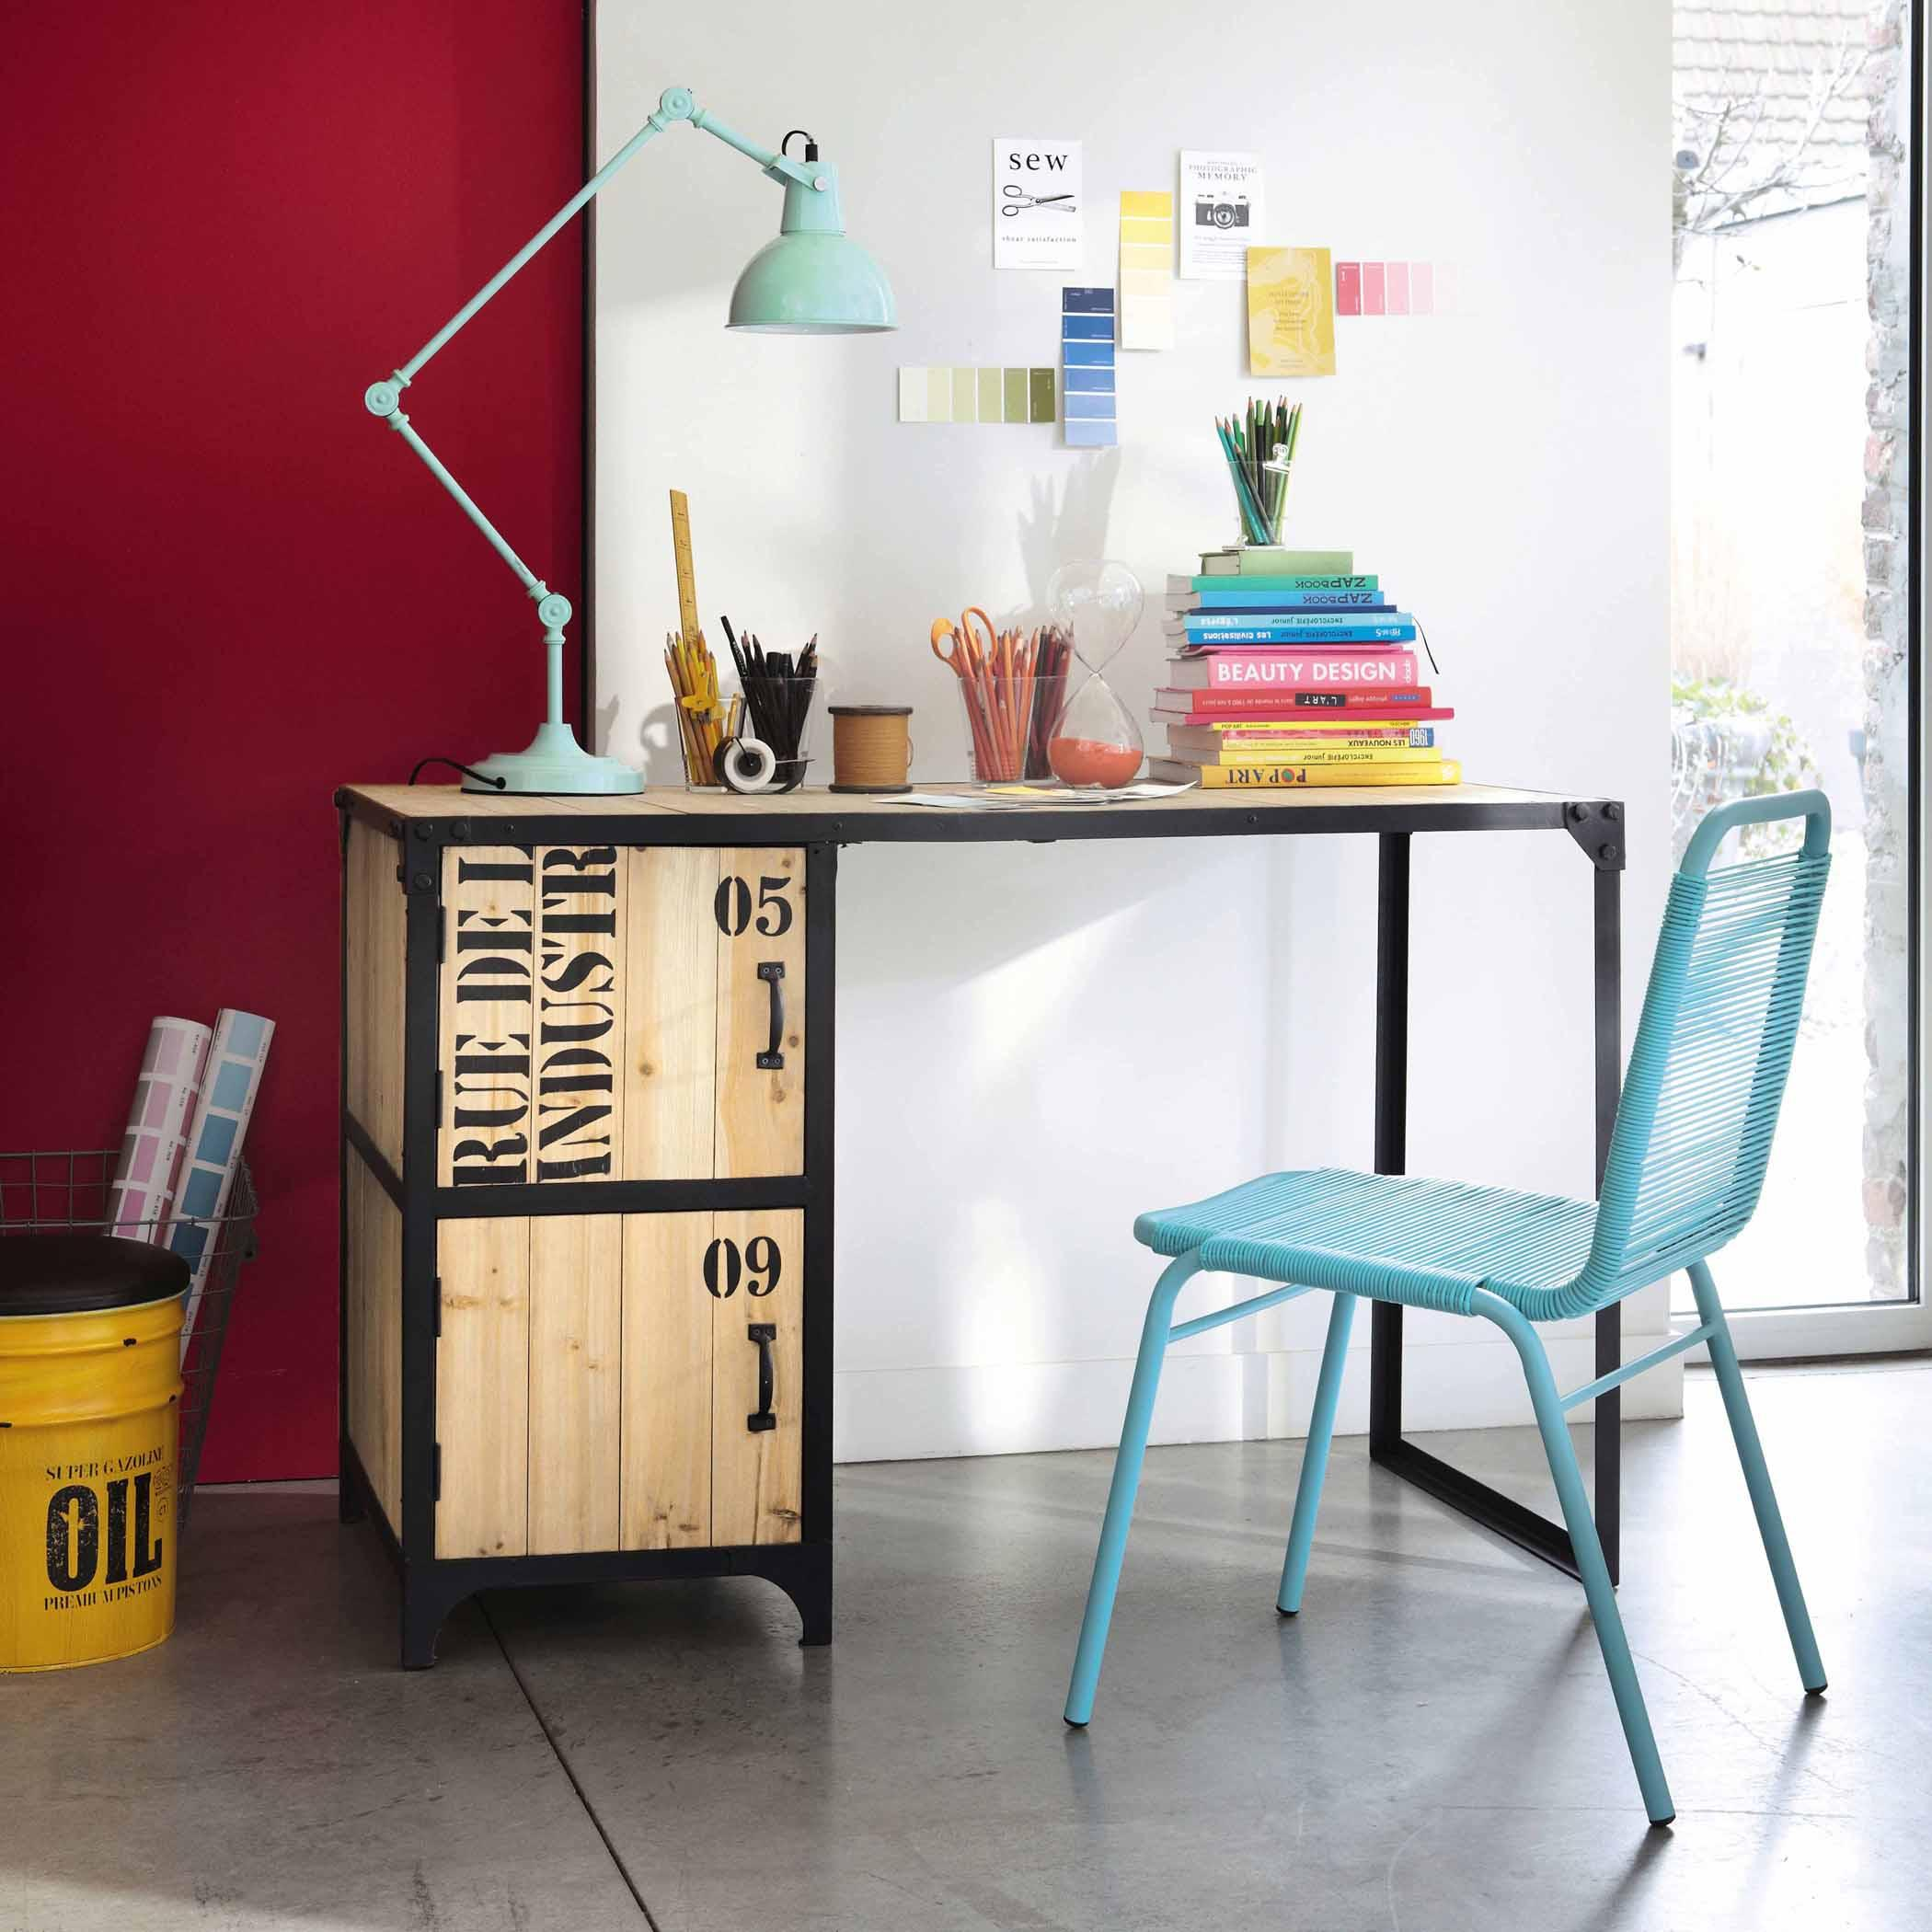 Industrie design couchtisch bilder ideen couch for Schreibtisch industriedesign